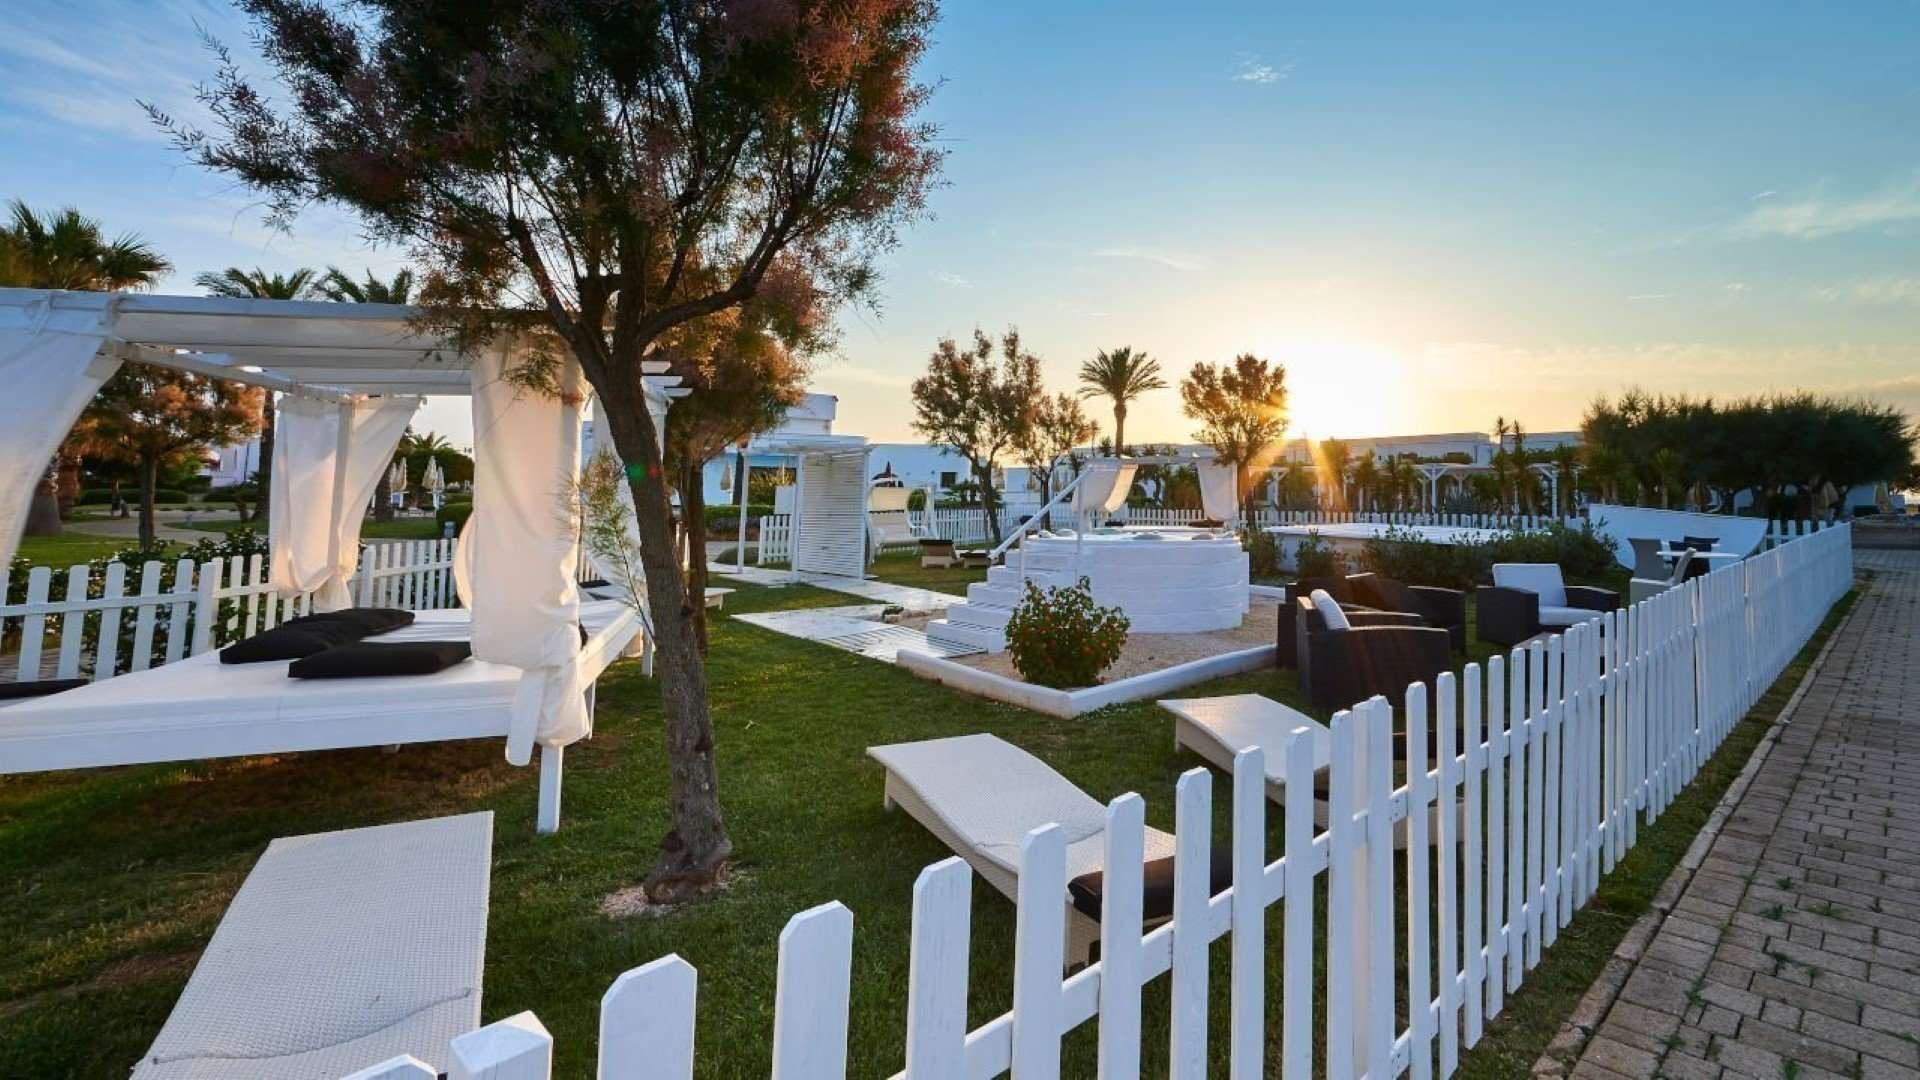 pietrablu resort & spa - puglia - italie - relaxen